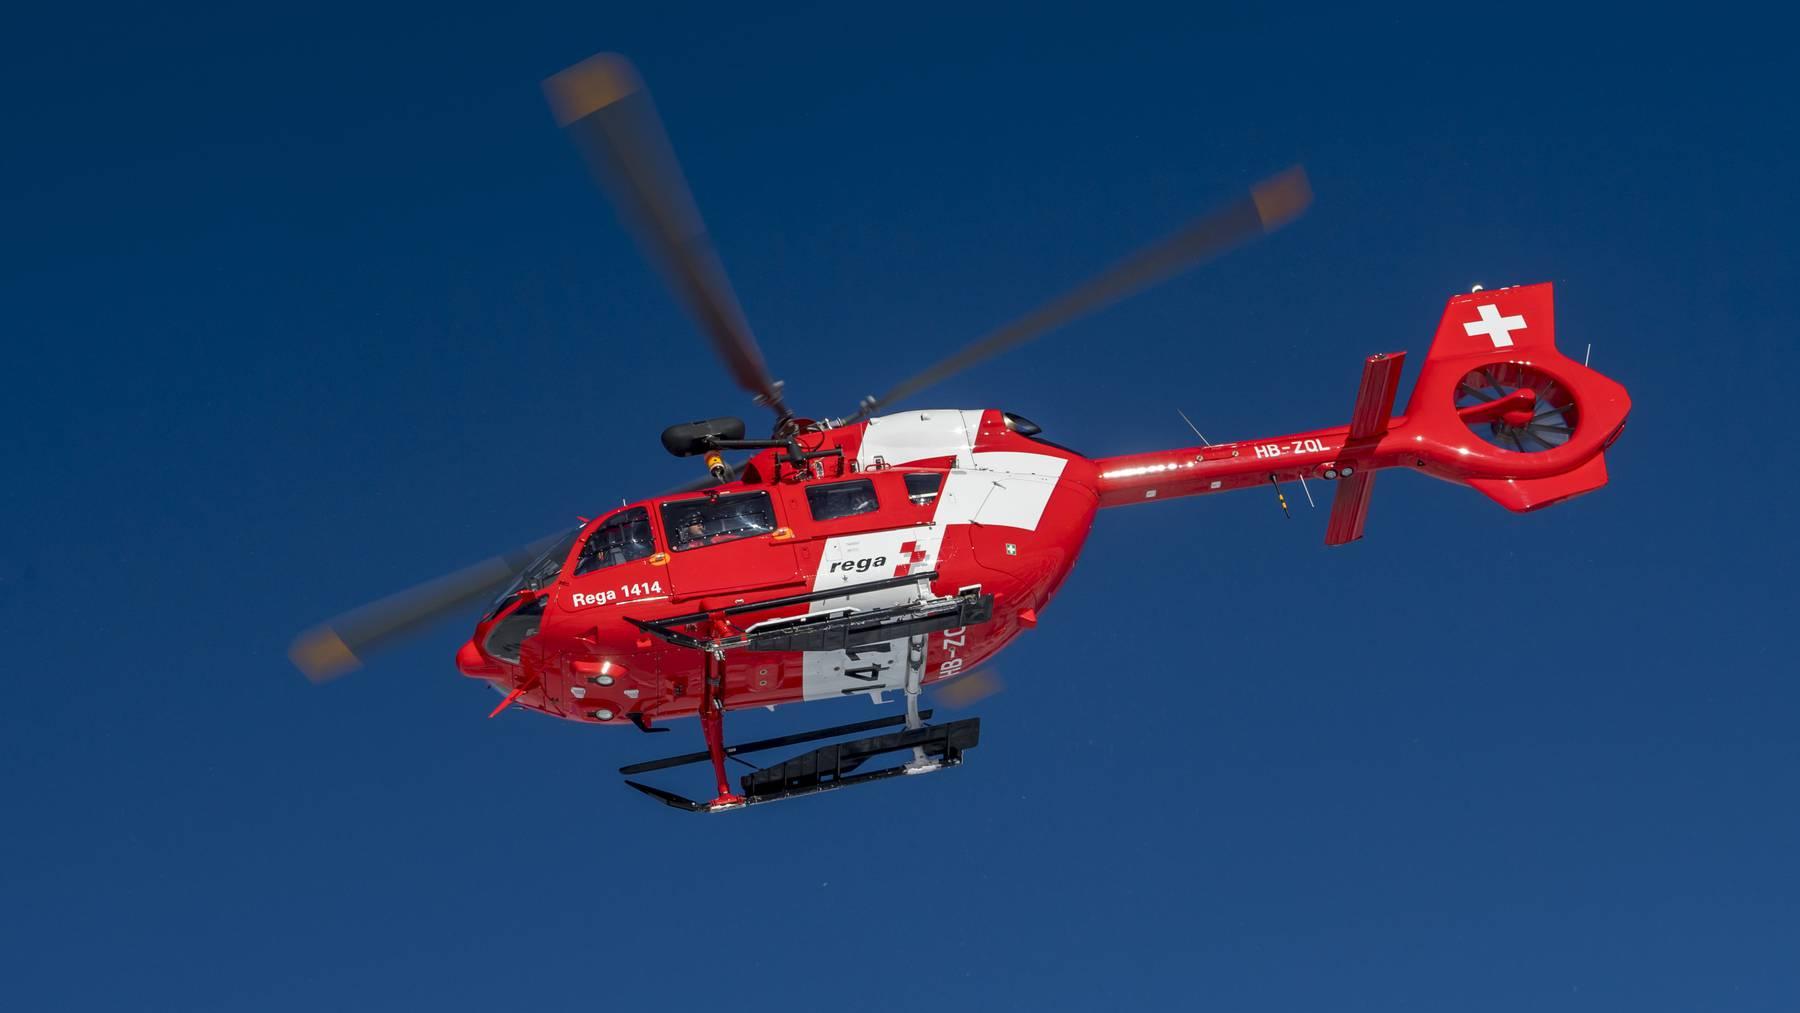 Ein Helikopter der Rega im Einsatz.